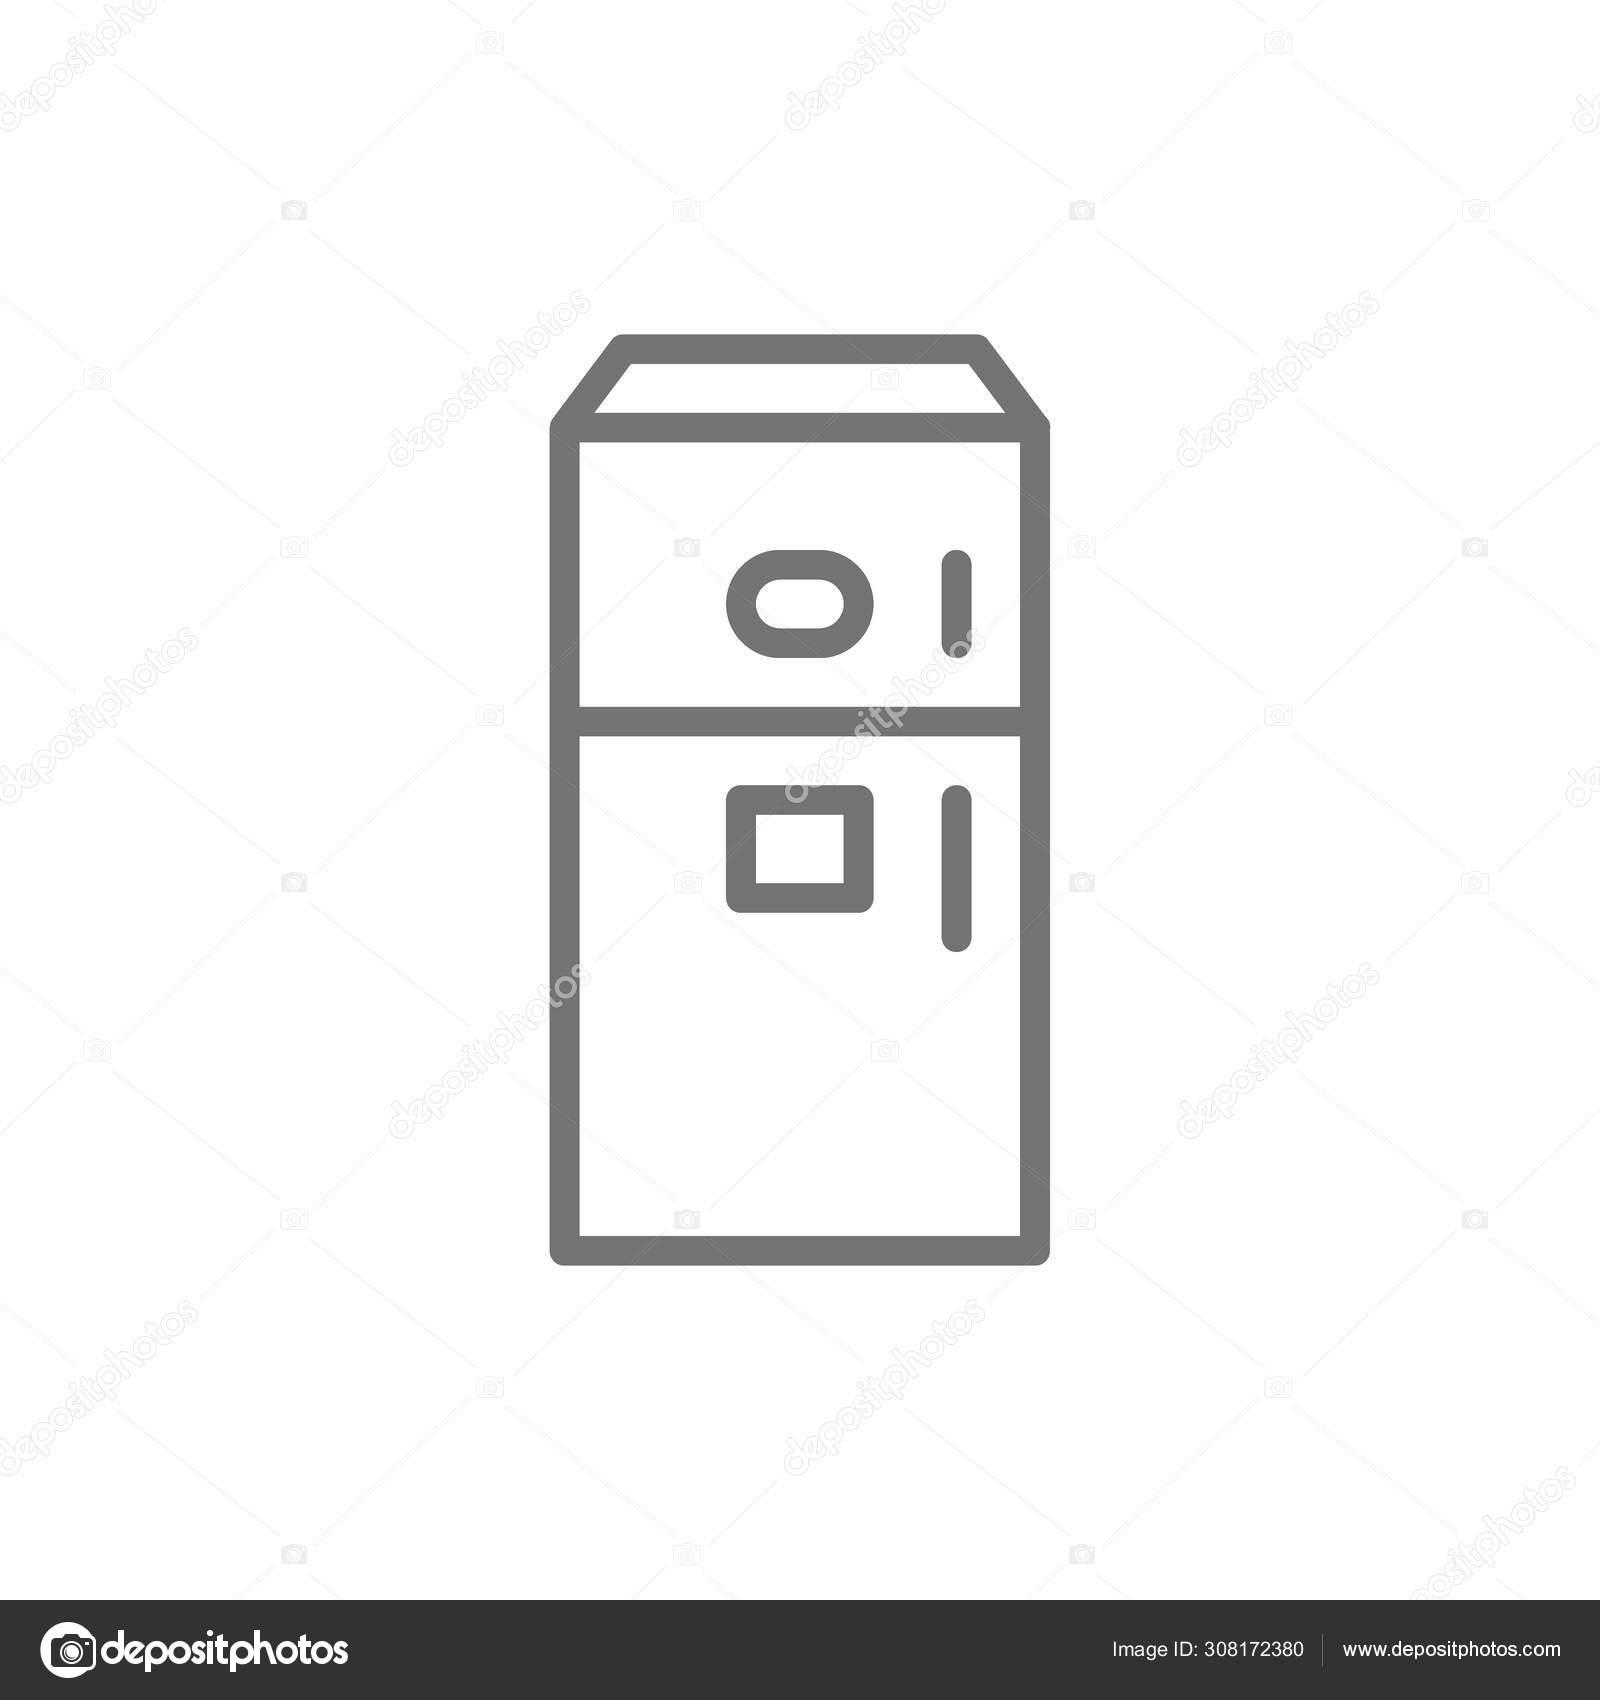 Fridge With Ice Maker Machine Line Icon Stock Vector C Studicon 308172380